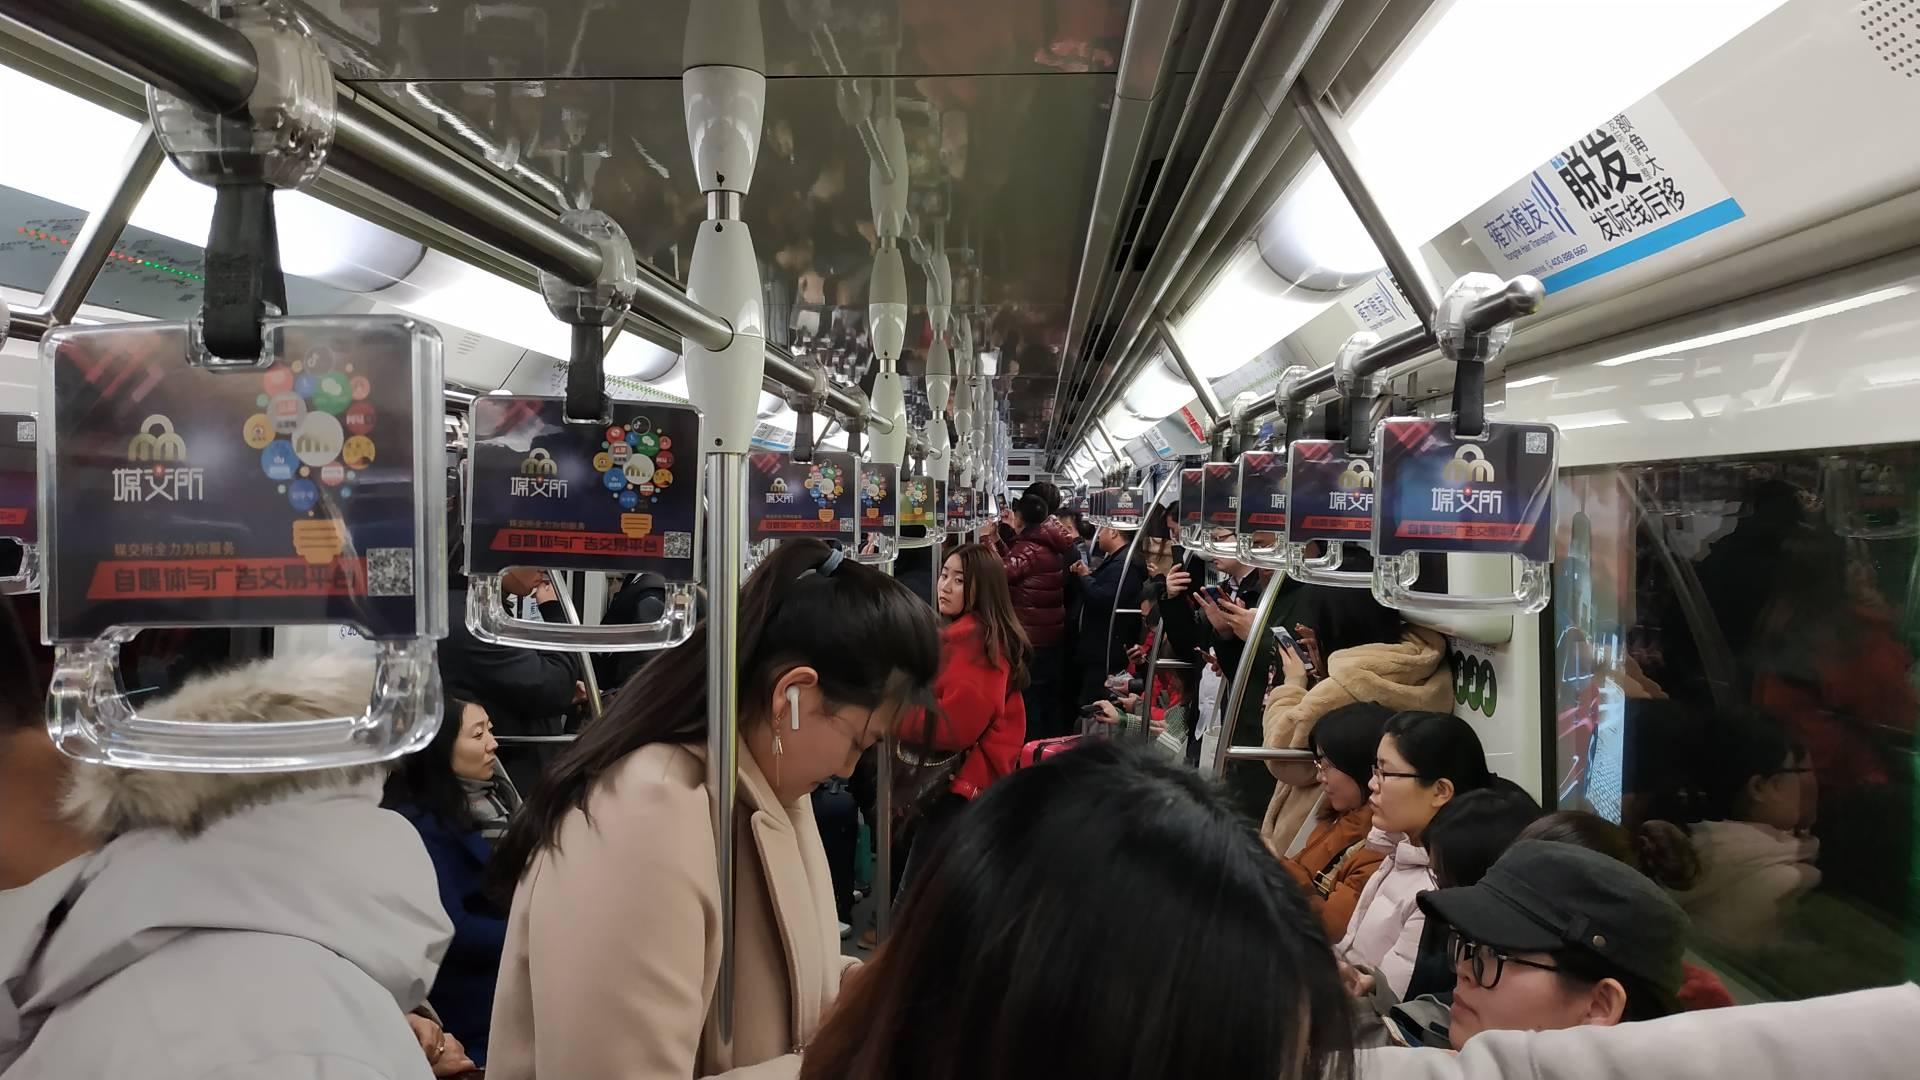 Все поезда шанхайской подземки оборудованы автоматическим управлением. Платформа огорожена дверьми, которые открываются непосредственно по прибытии поезда. Внутри состава нет дверей и перегородок, что позволяет максимально использовать полезное пространство